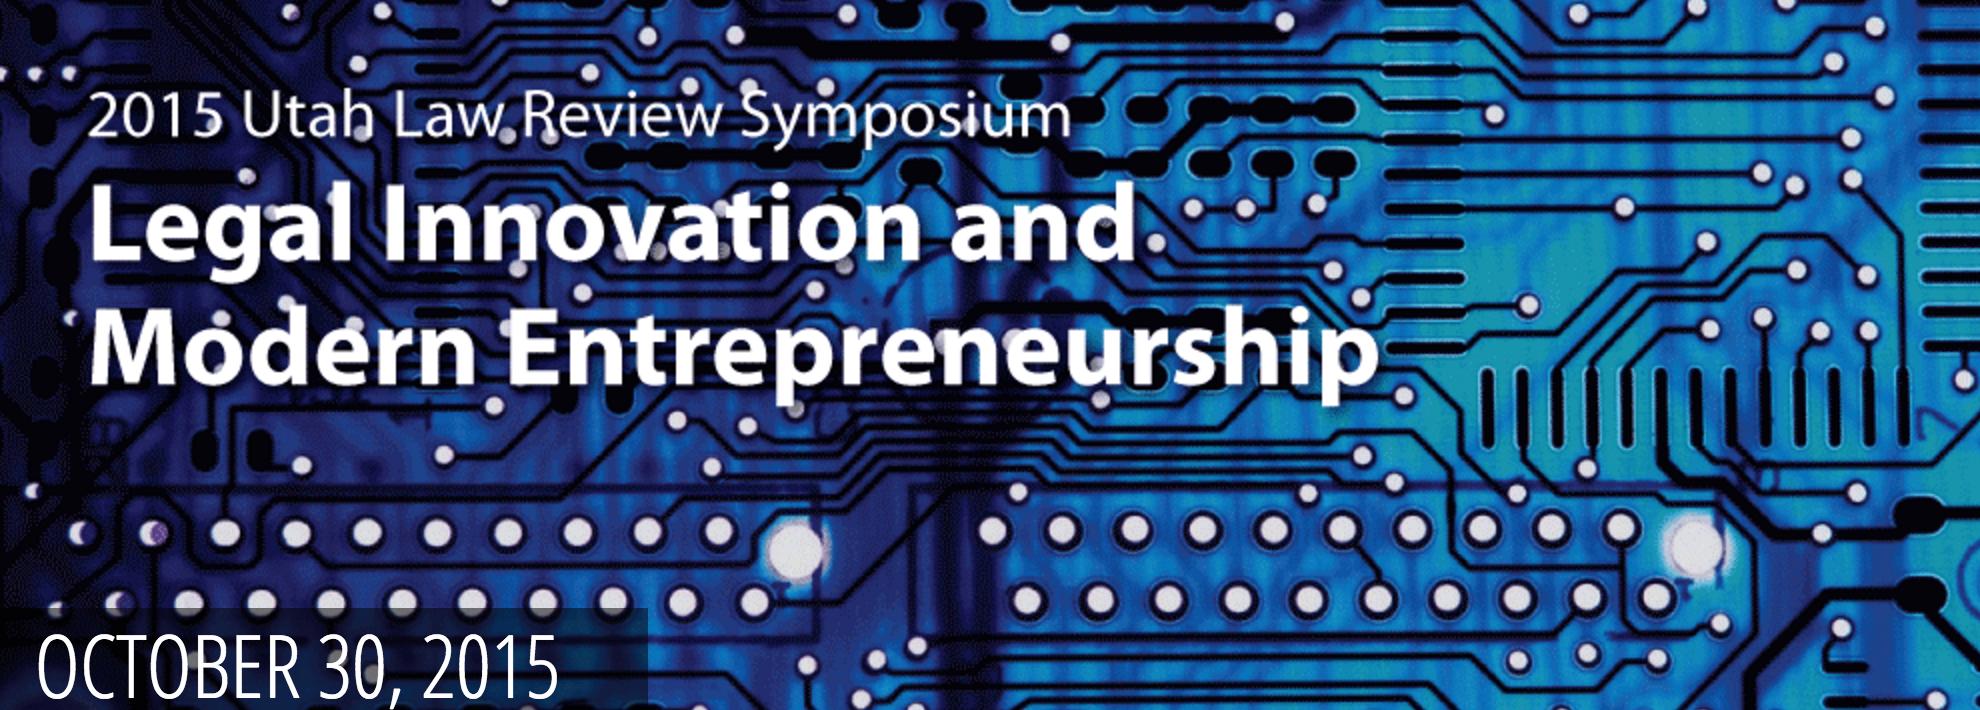 Legal Innovation and Modern Entrepreneurship